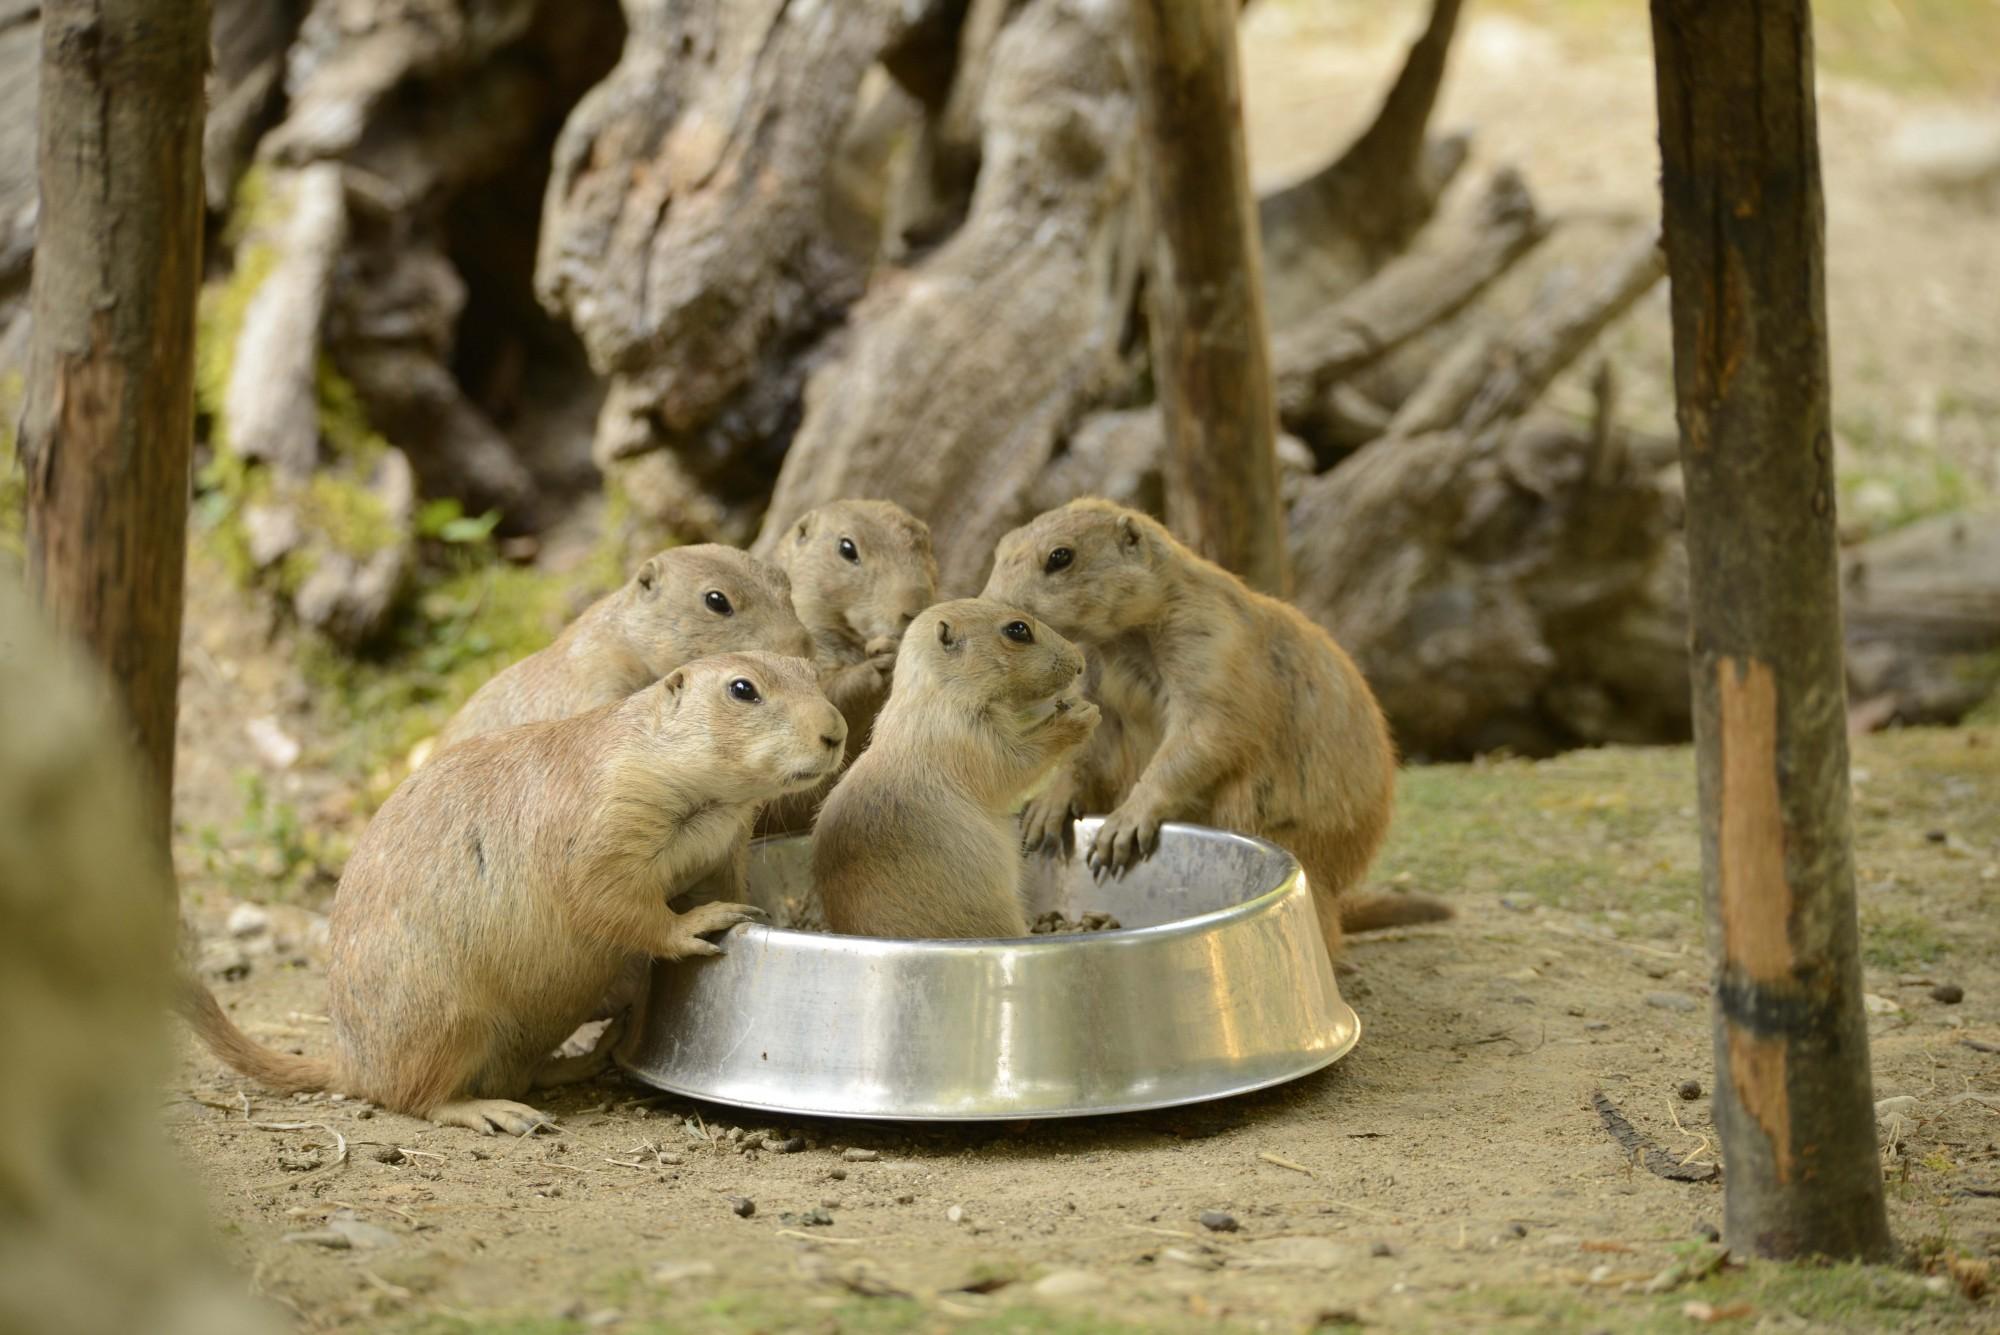 2017-otto-giu12-cane-prateria-13-cucciolo-ciotola-famiglia-cibo-1.jpg